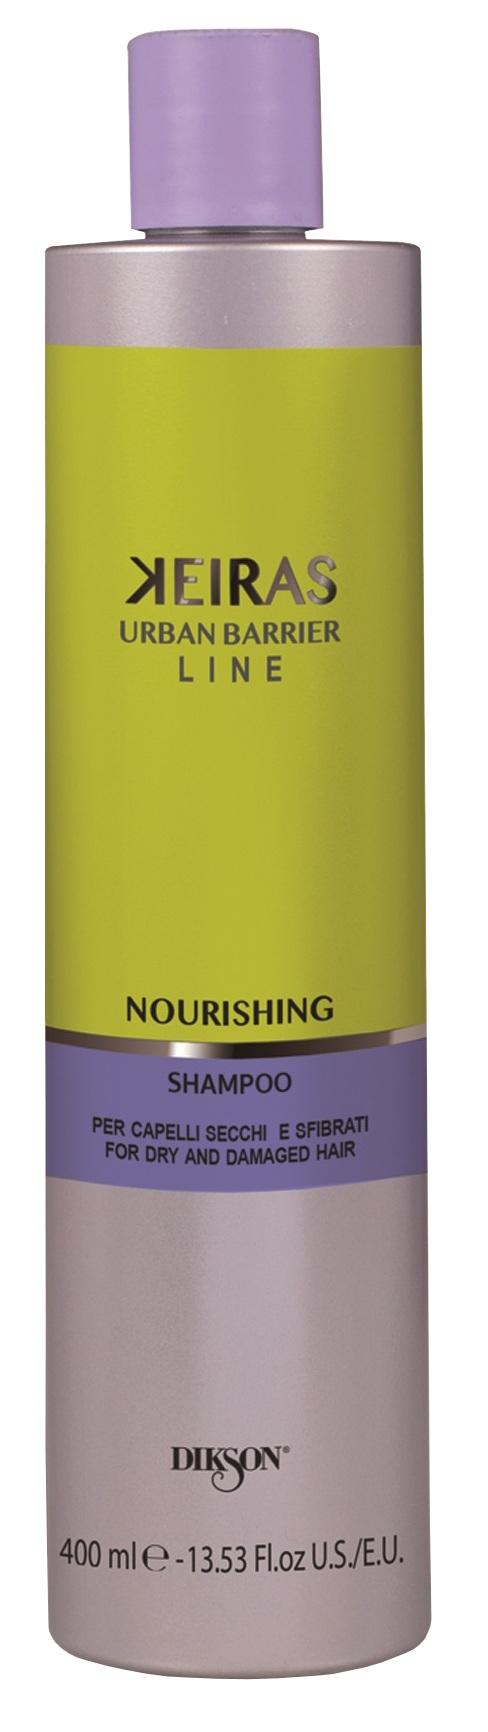 Купить DIKSON Шампунь для поврежденных волос / KEIRAS SHAMPOO FOR DRY AND DAMAGED HAIR 400 мл